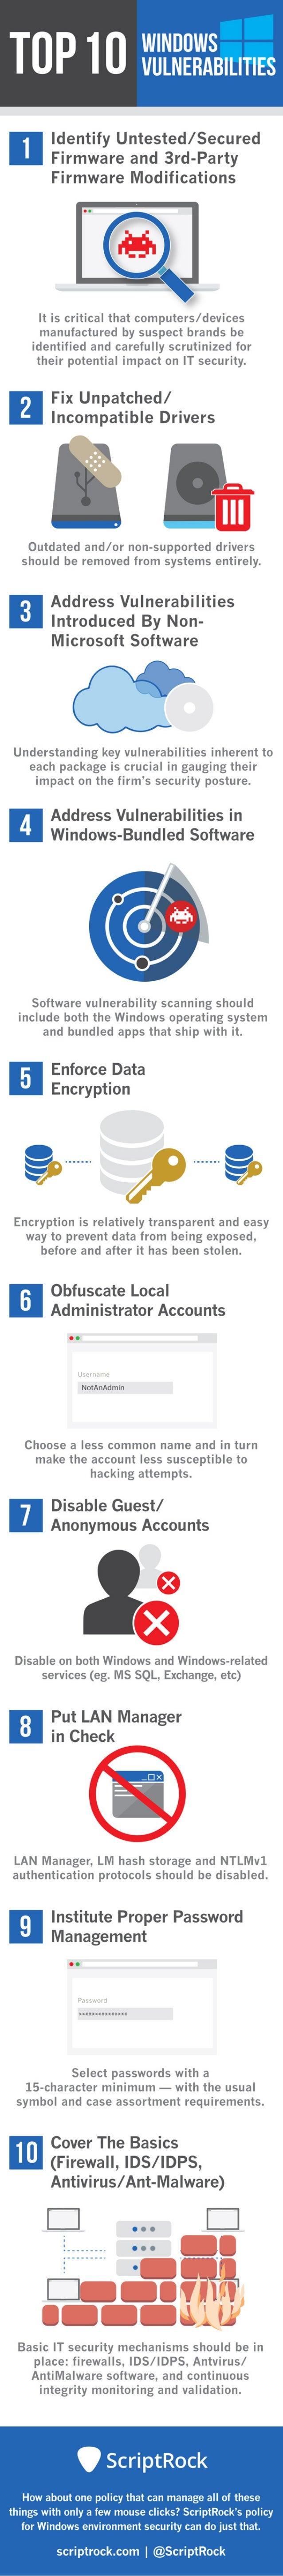 Top 10 Windows Vulnerabilities - Infographic